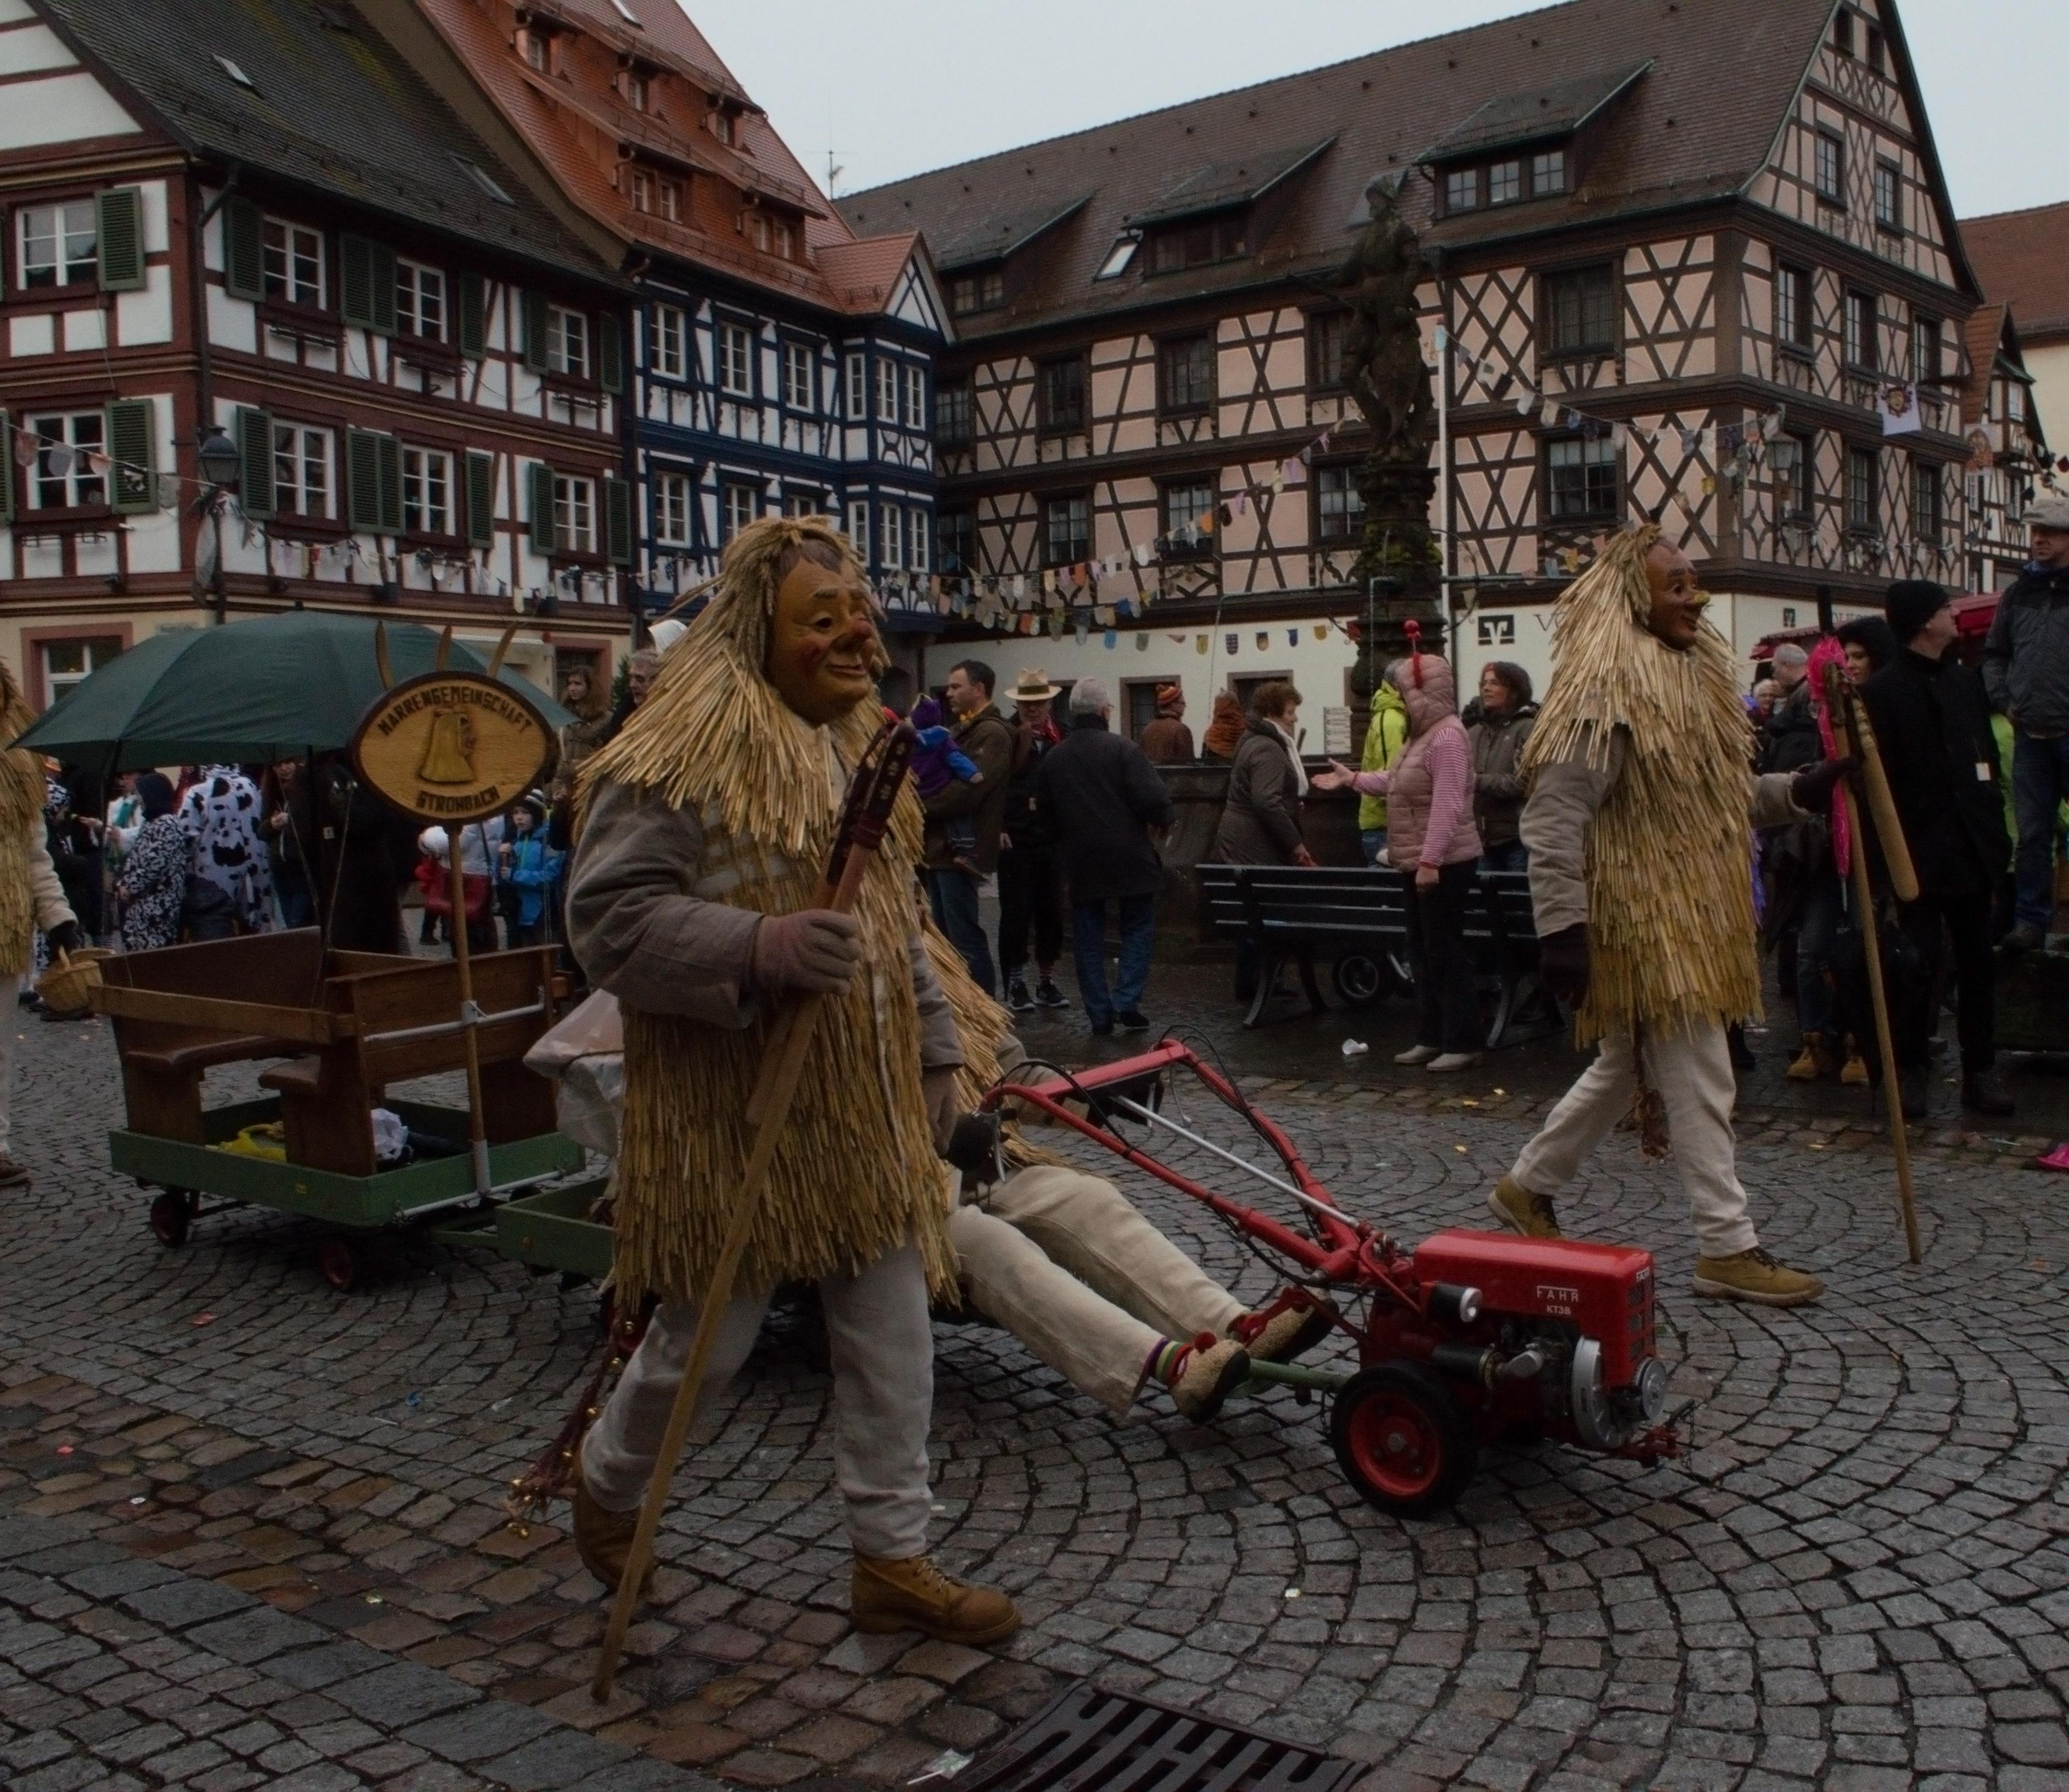 Праздничное шествие в Генгенбахе. Нарренцунфт